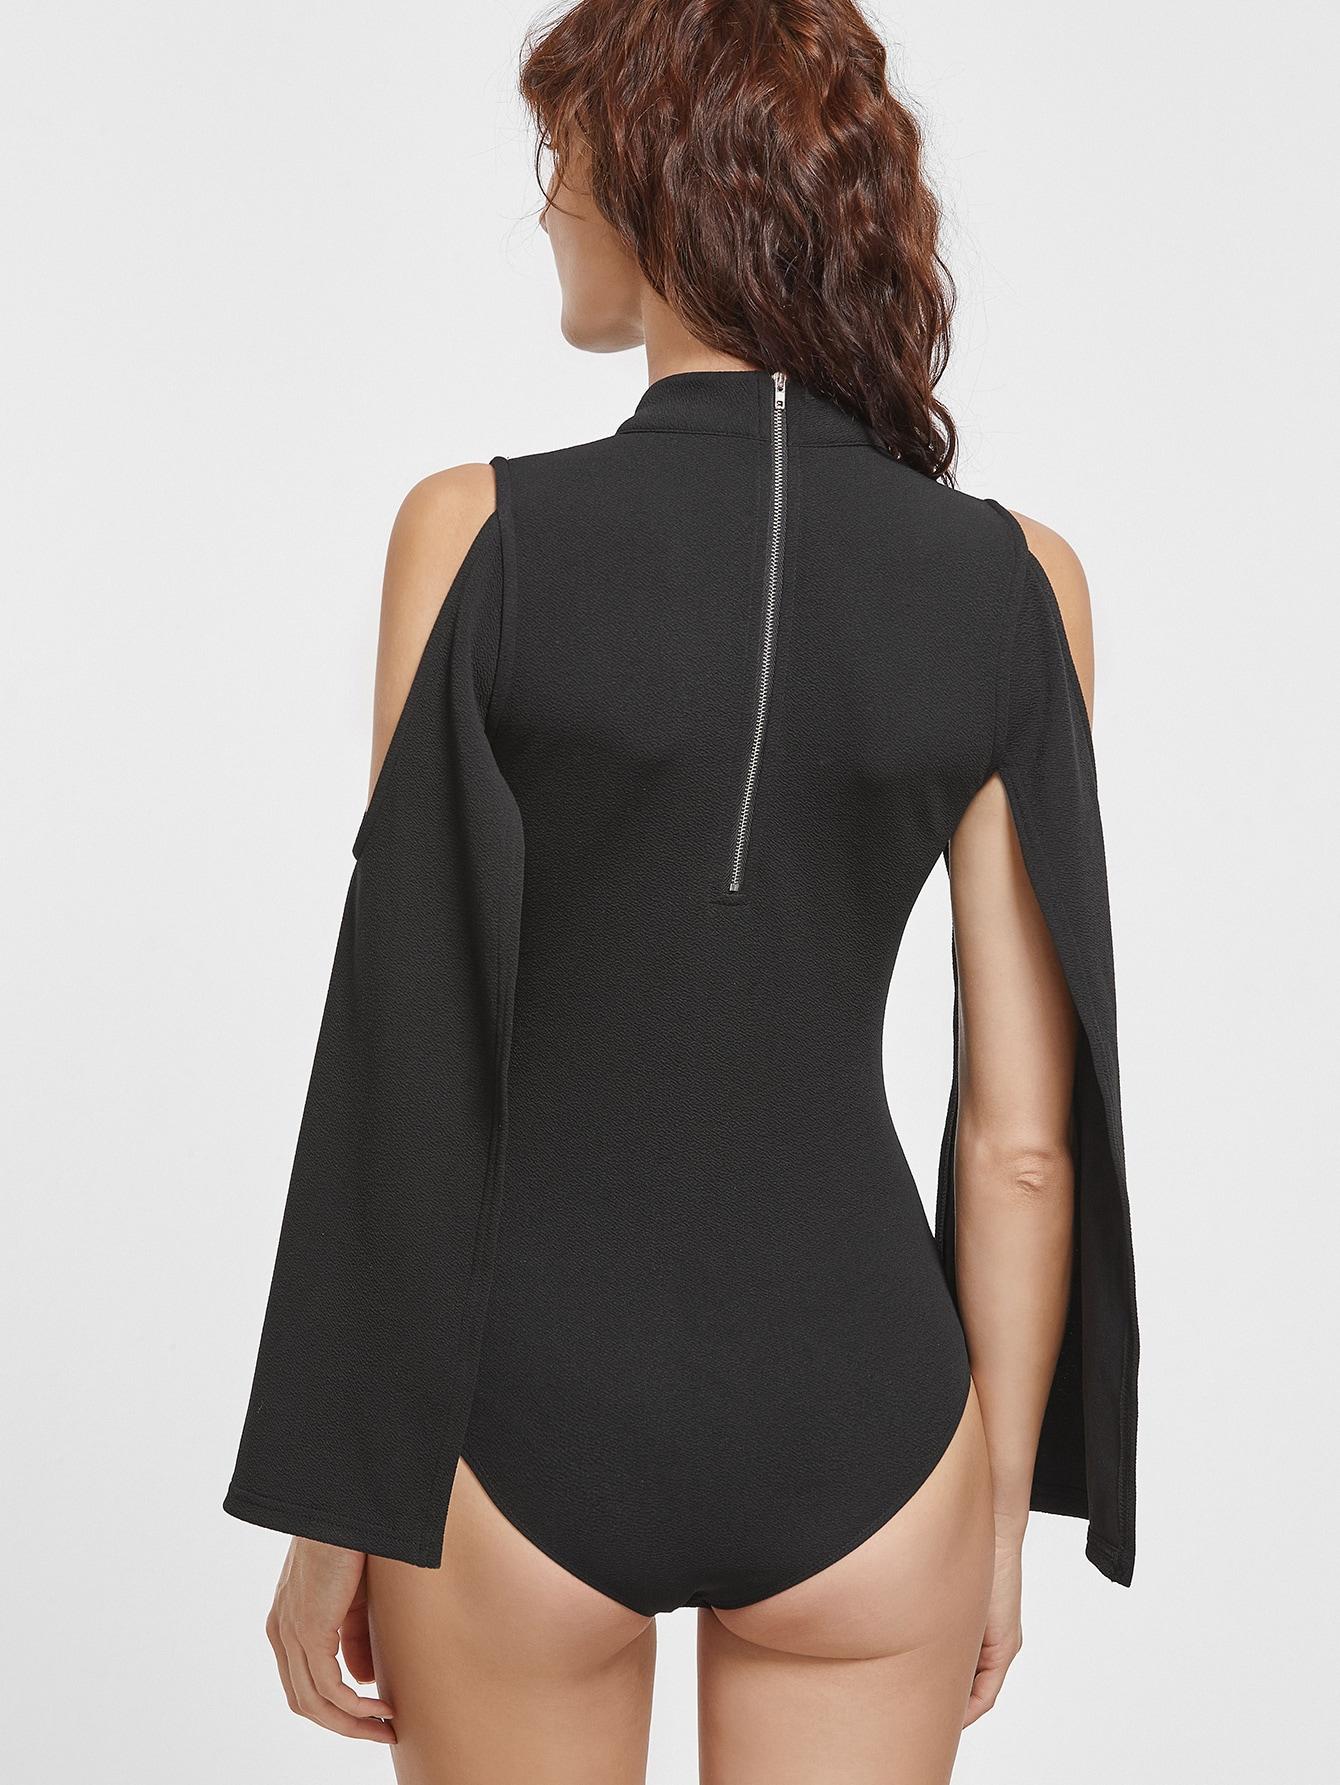 bodysuit161209701_2